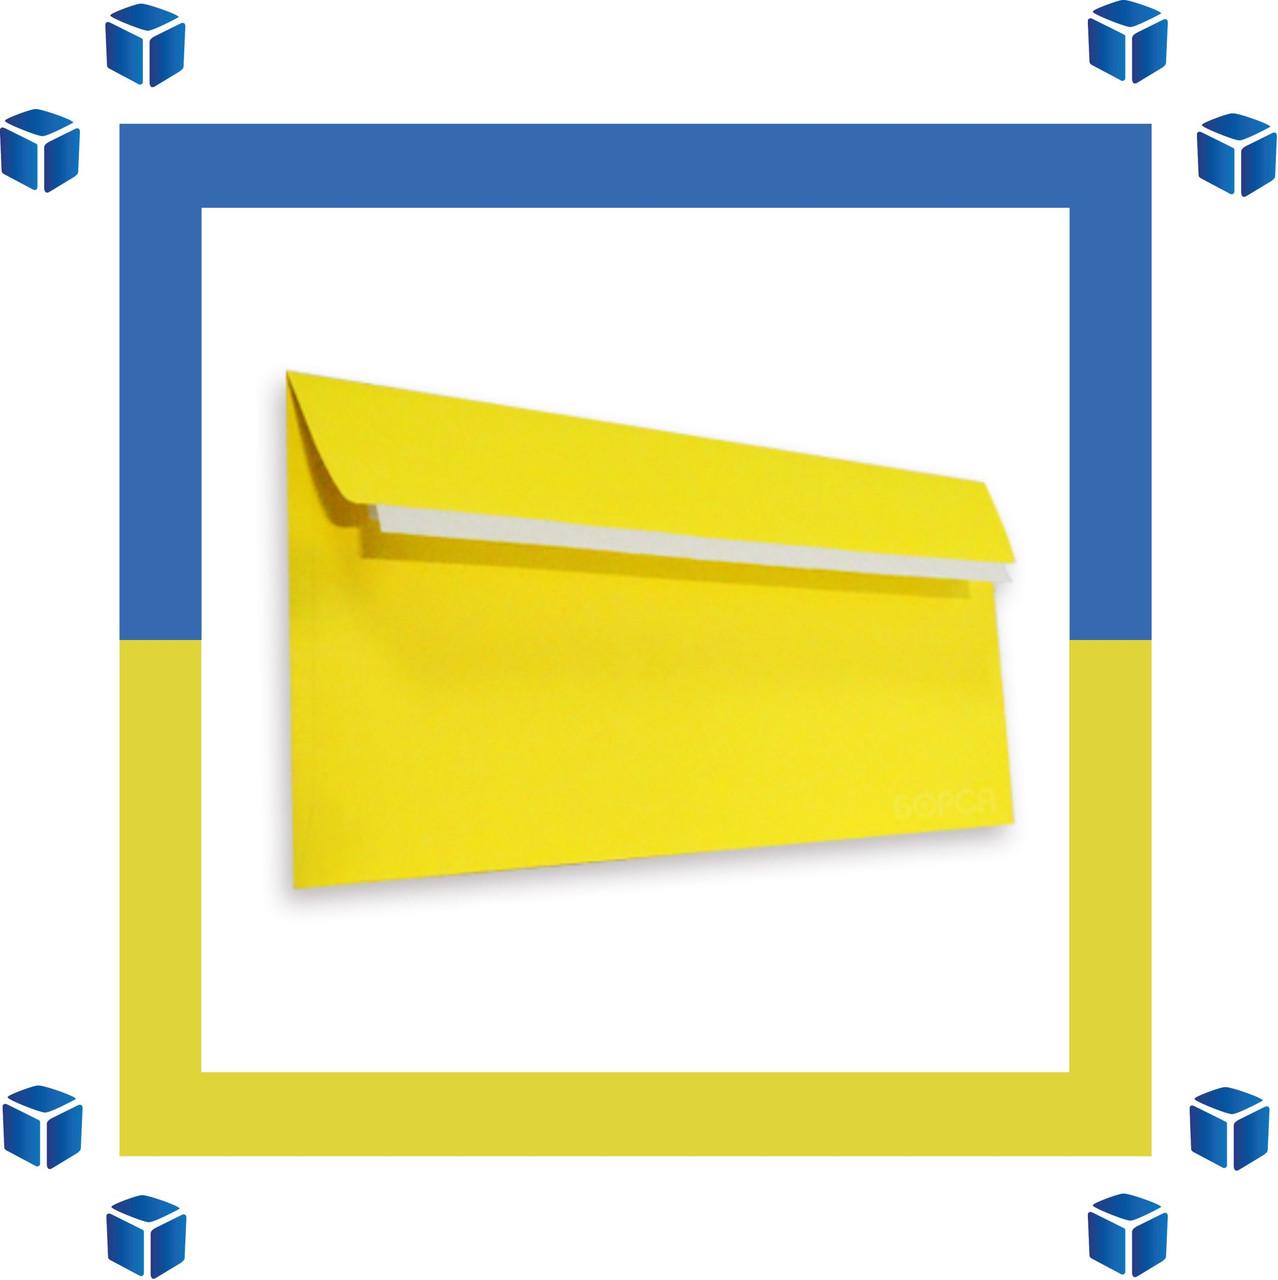 Конверты Е65 (DL) (110х220) скл, желтый (0+0)